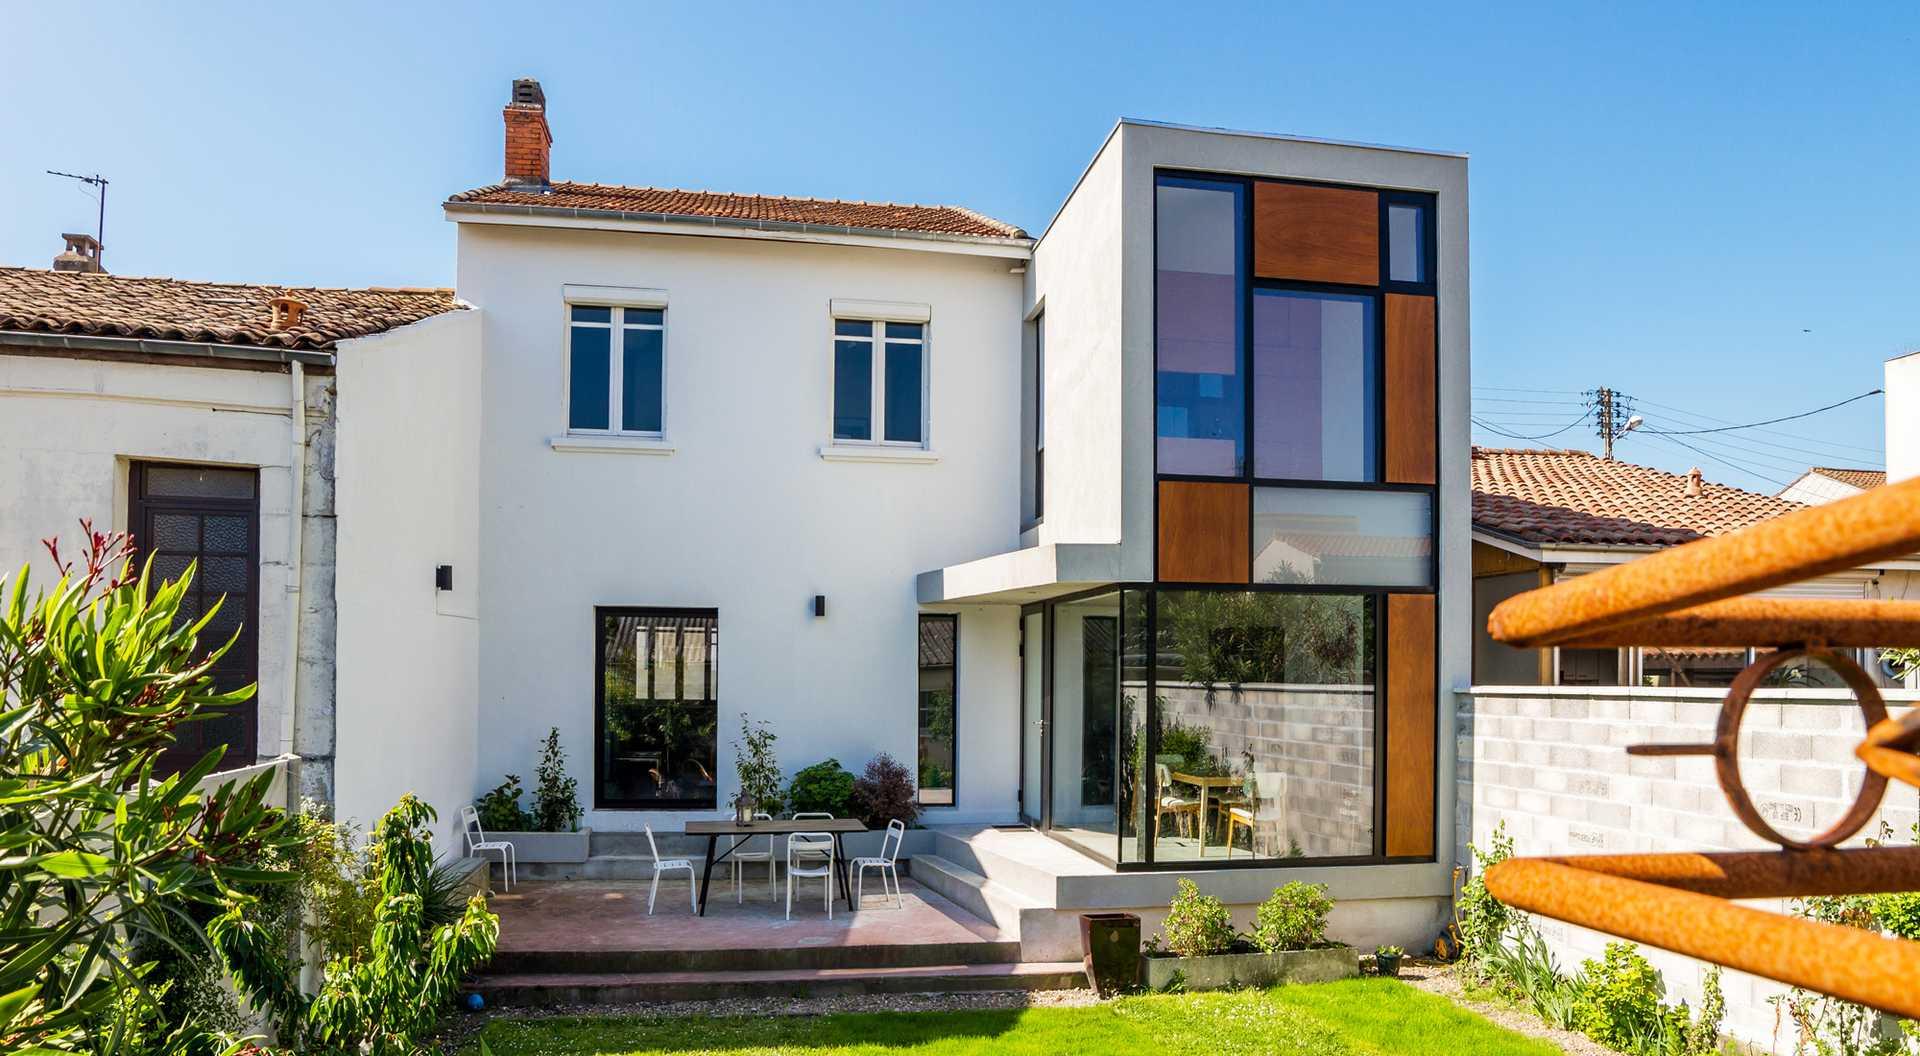 Constructeur Maison Toulouse Prix architecte | conception, suivi et coordination de travaux de